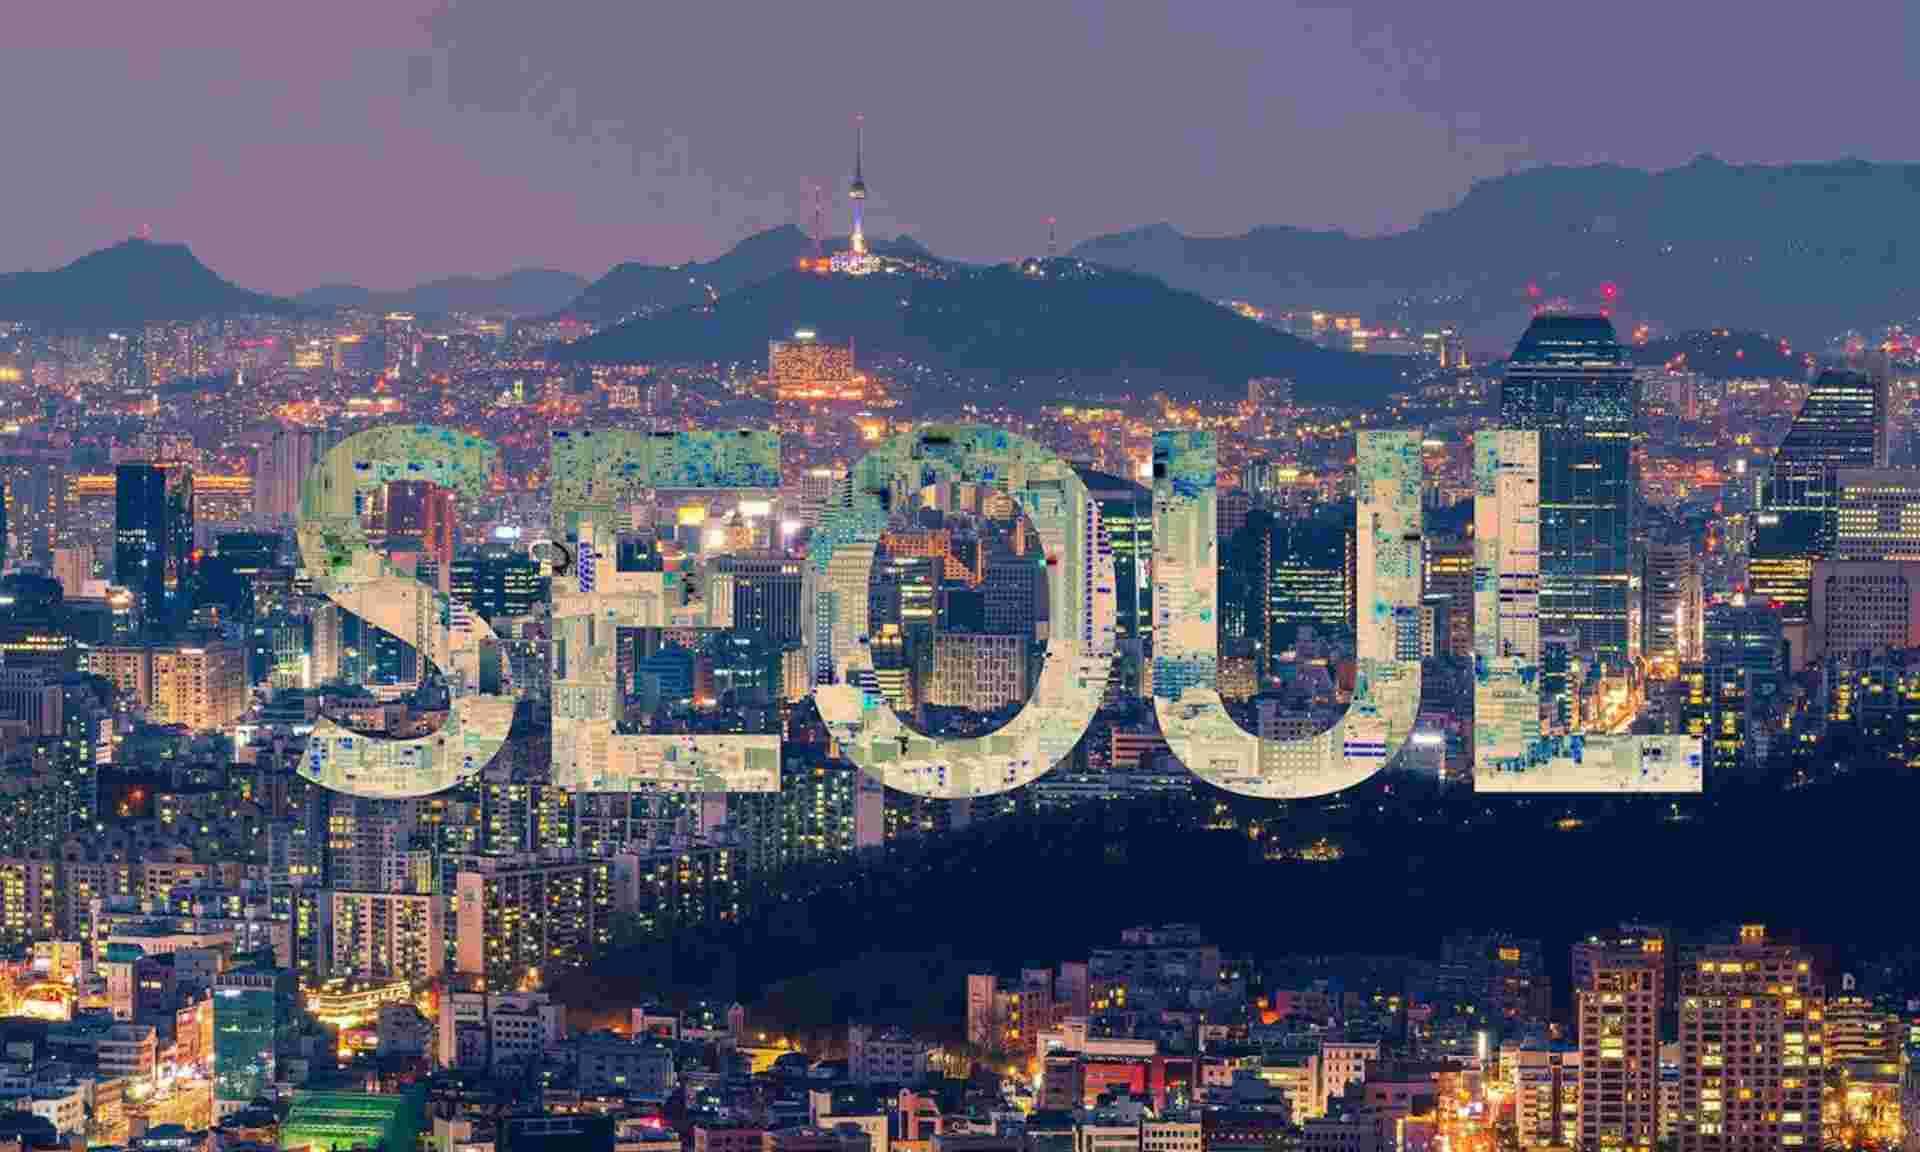 Du lịch Hàn Quốc: Đến Seoul nên đi đâu?